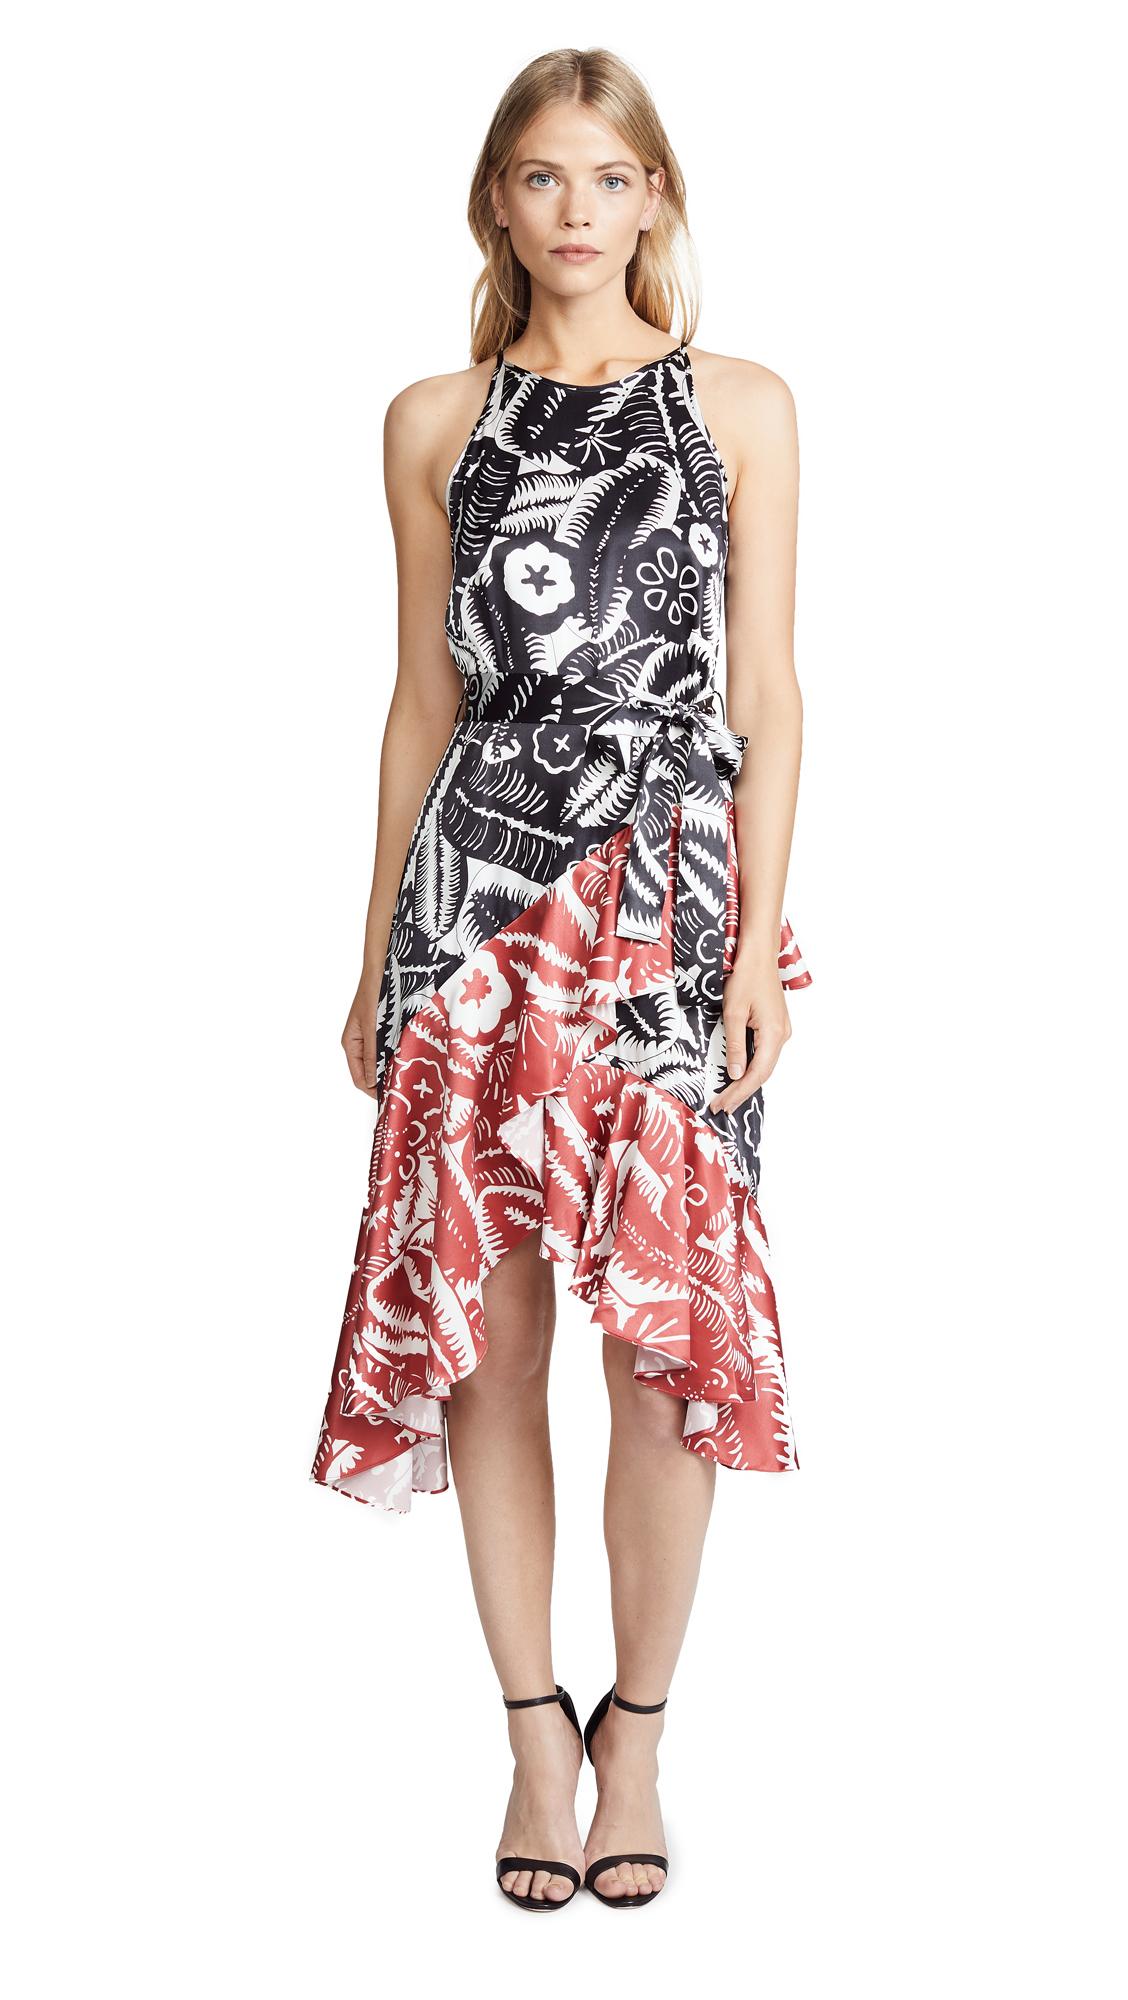 DELFI Collective Blaire Dress In Multi